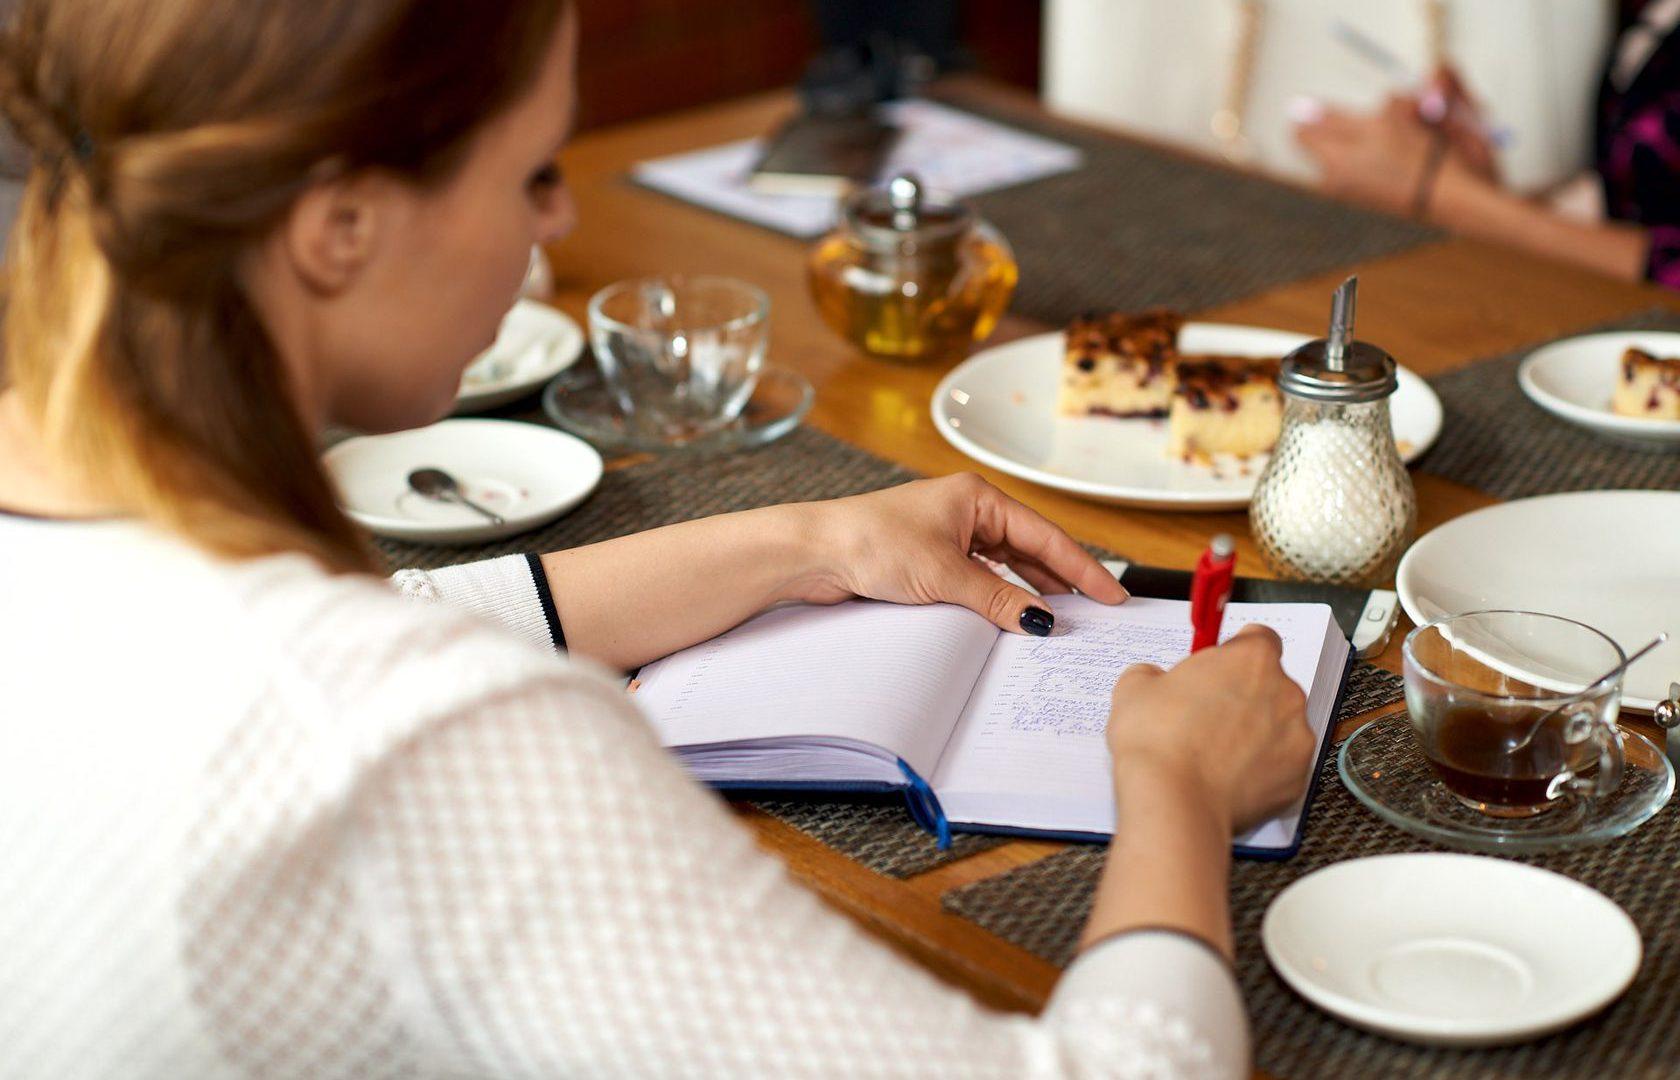 Бизнес-Завтрак «Современные технологии построения эффективных коммуникаций: Продажи, Сервис, Маркетинг и Реклама. Введение». 16 мая.